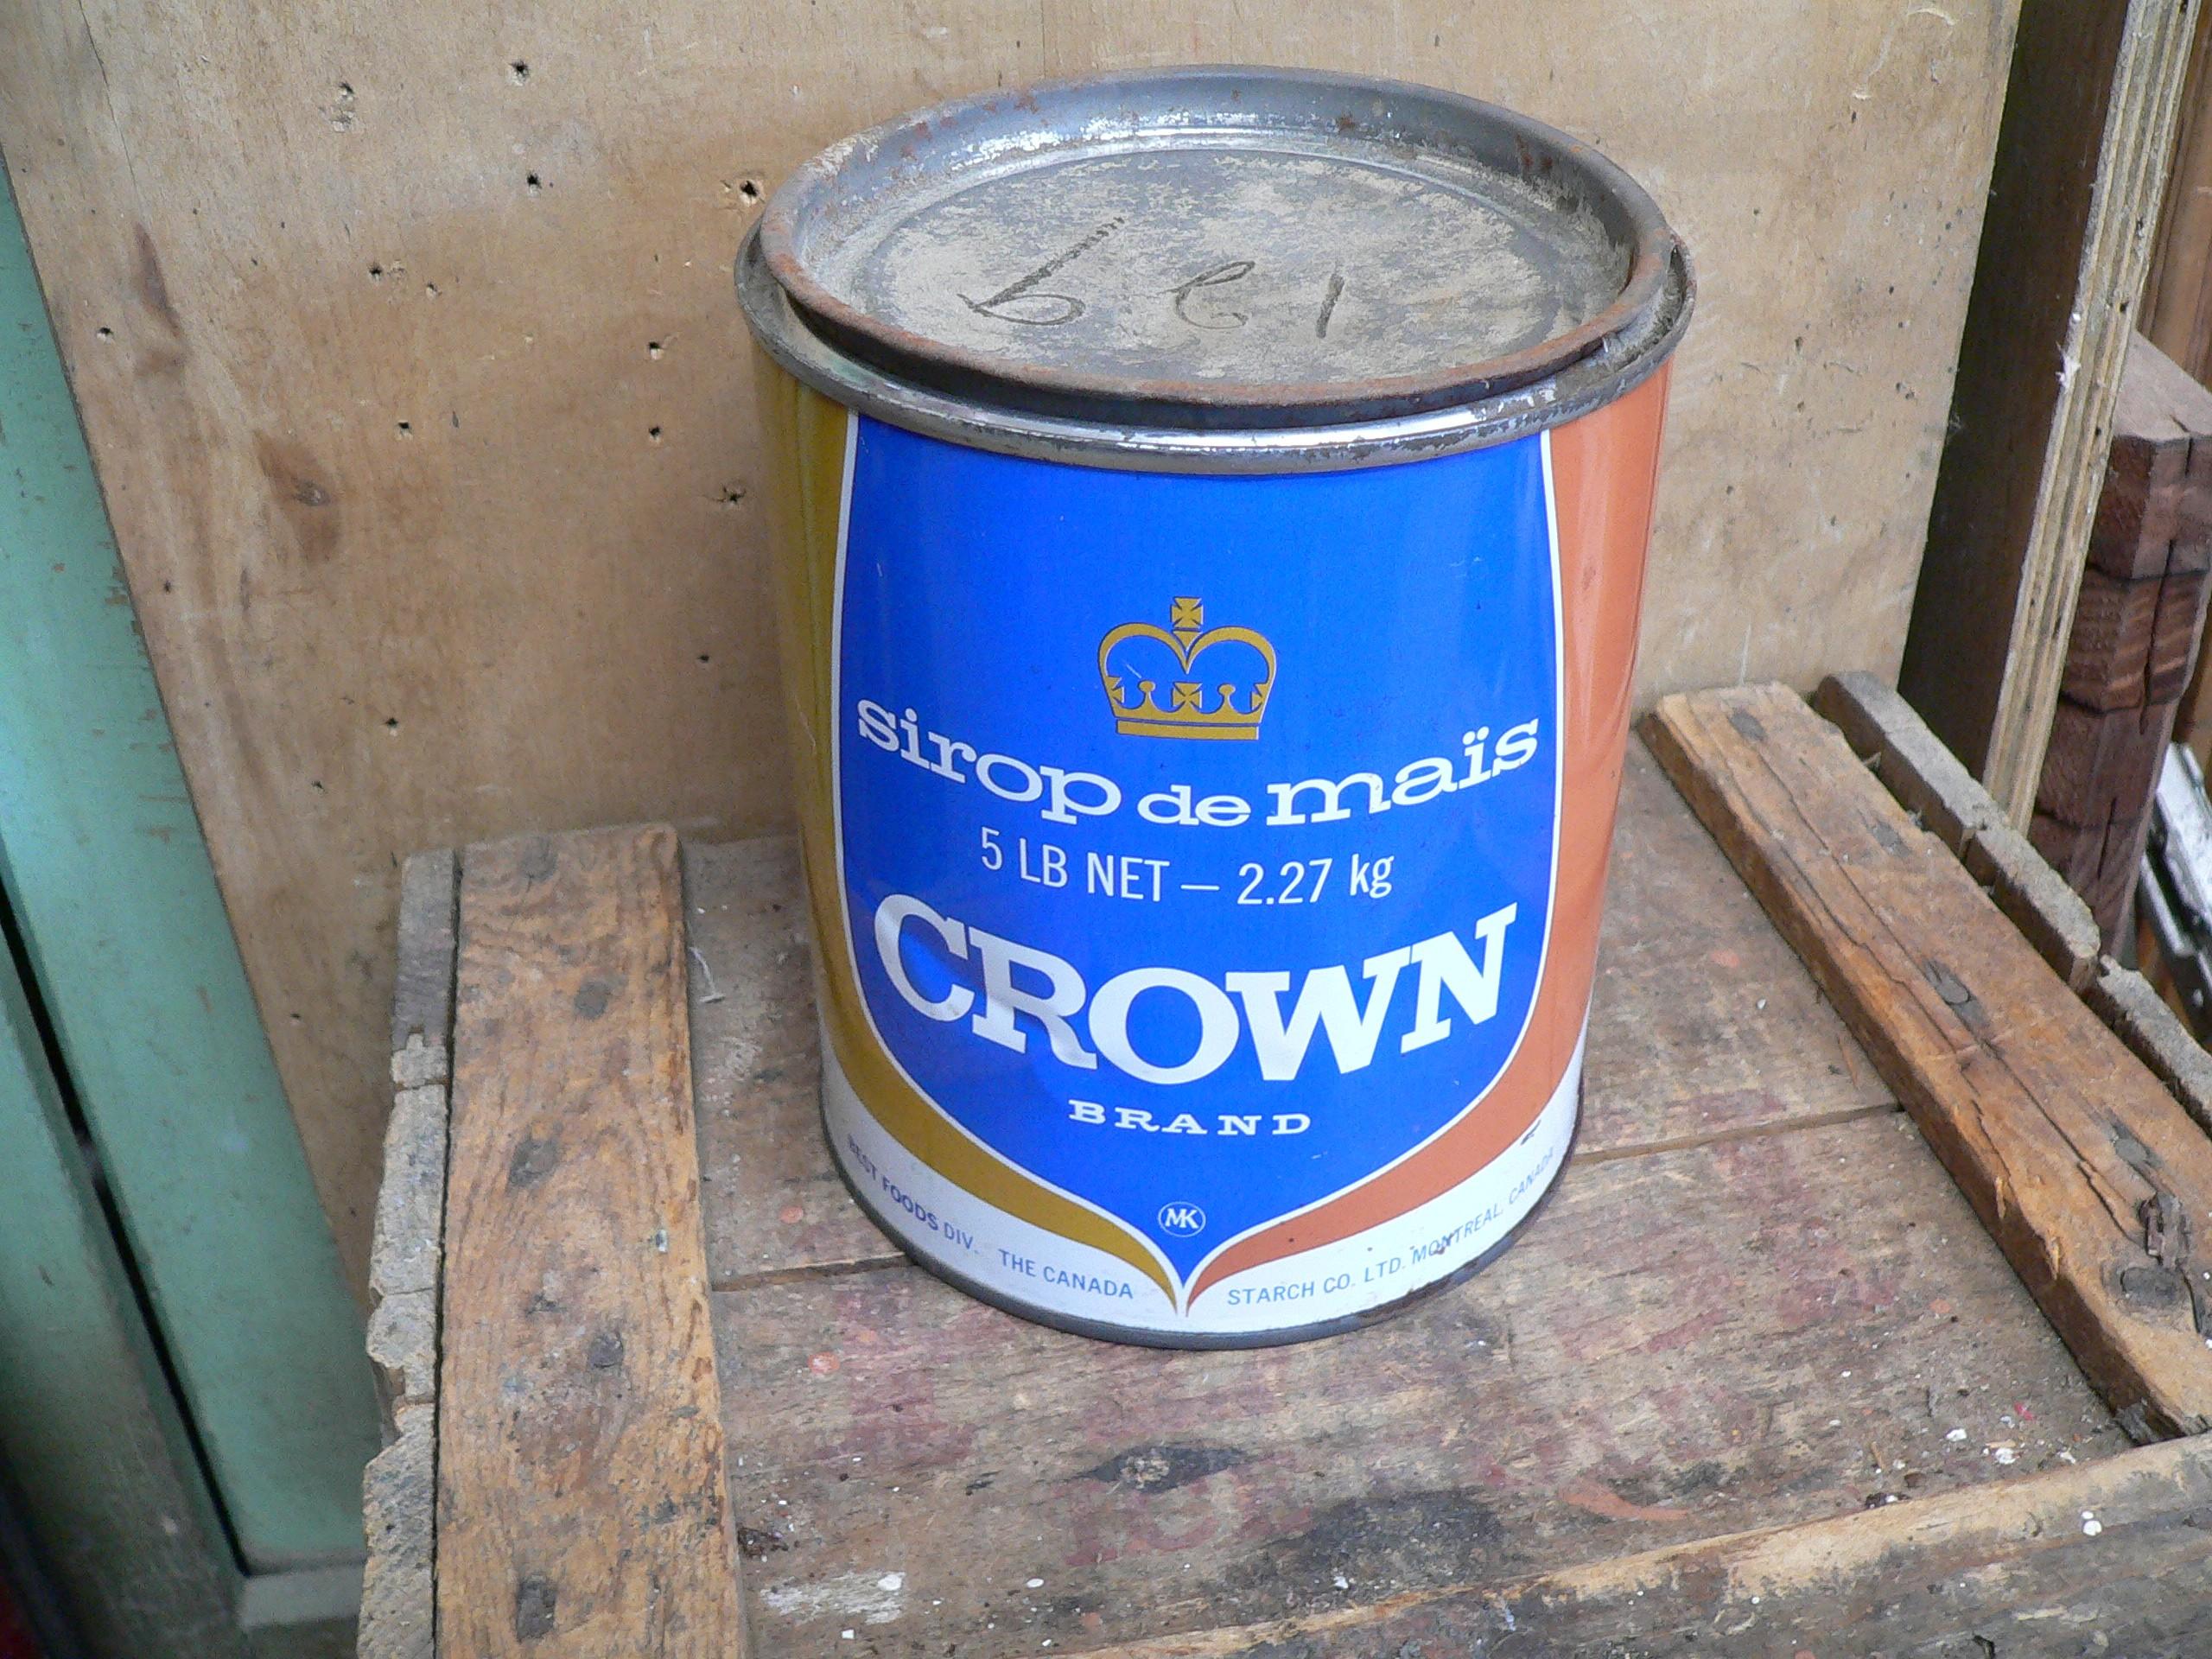 Boite de tôle crown # 6253.3